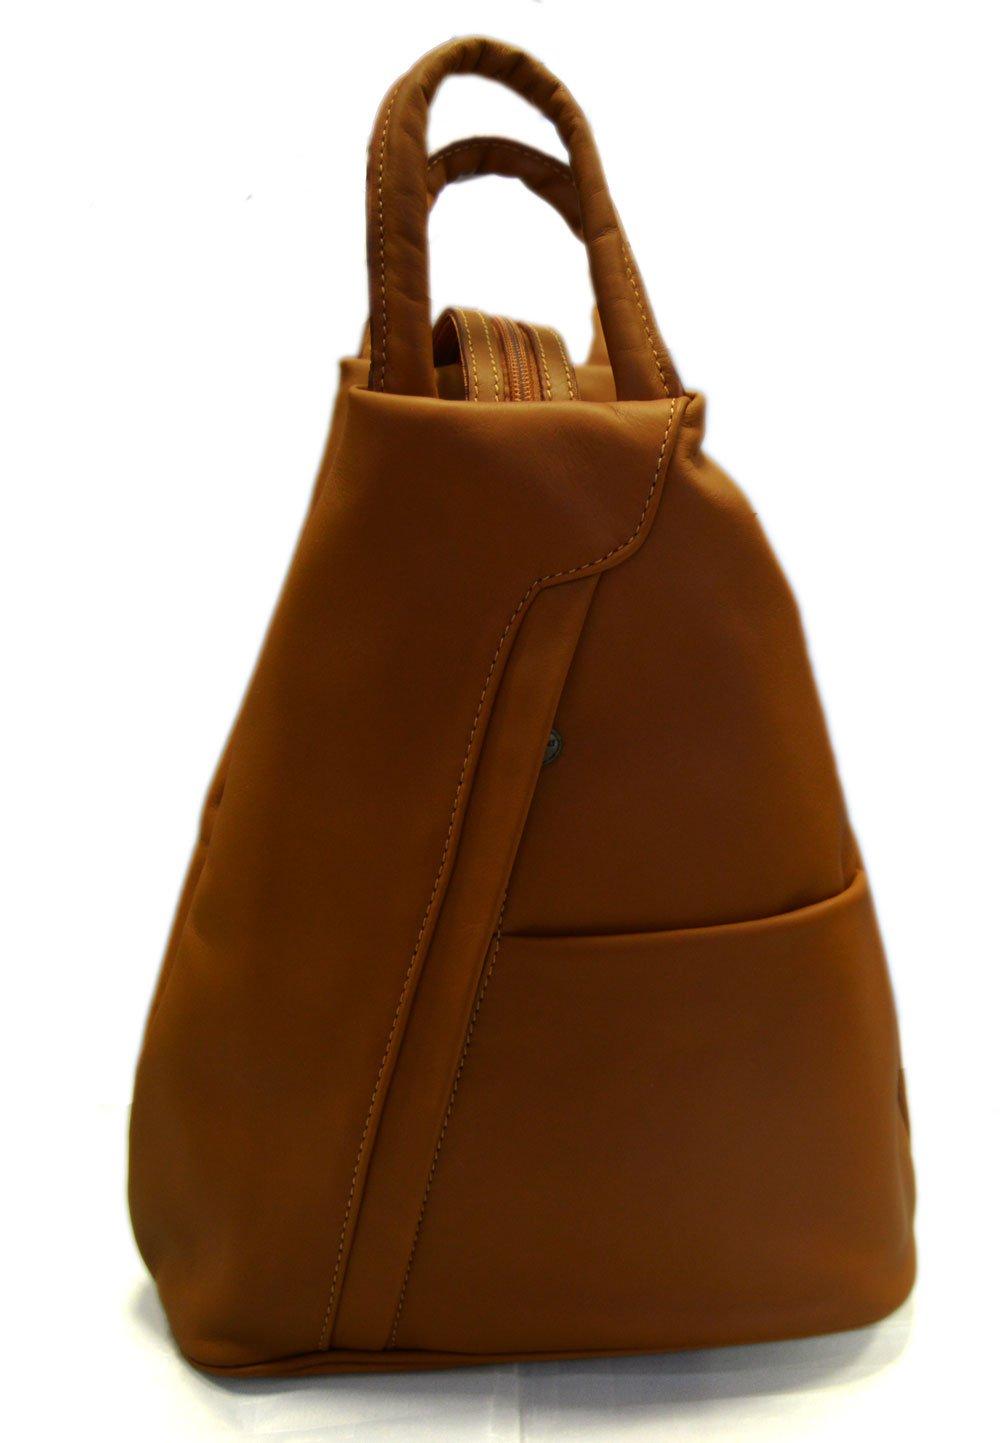 Leather backpack honey ladies mens lether travel bag weekender sportsbag gym bag shoulder bag sling backpack satchel hobo bag genuine calf leather